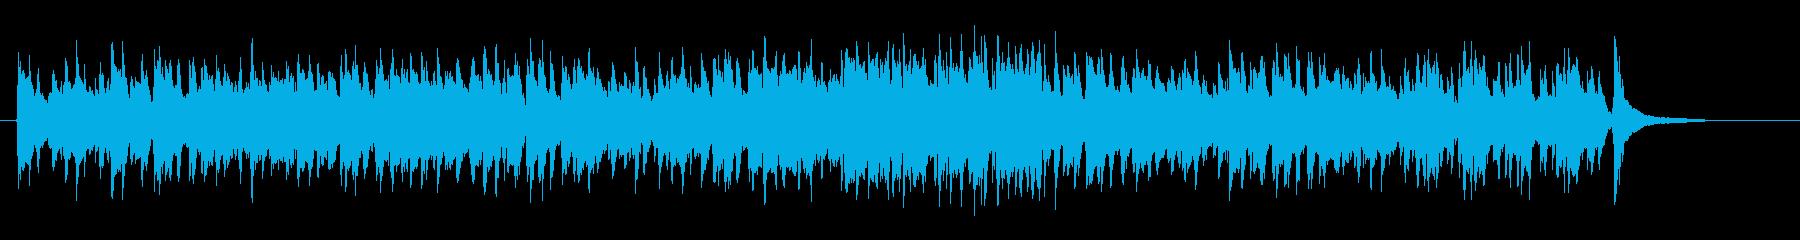 口笛吹いて(ケルト風)の再生済みの波形